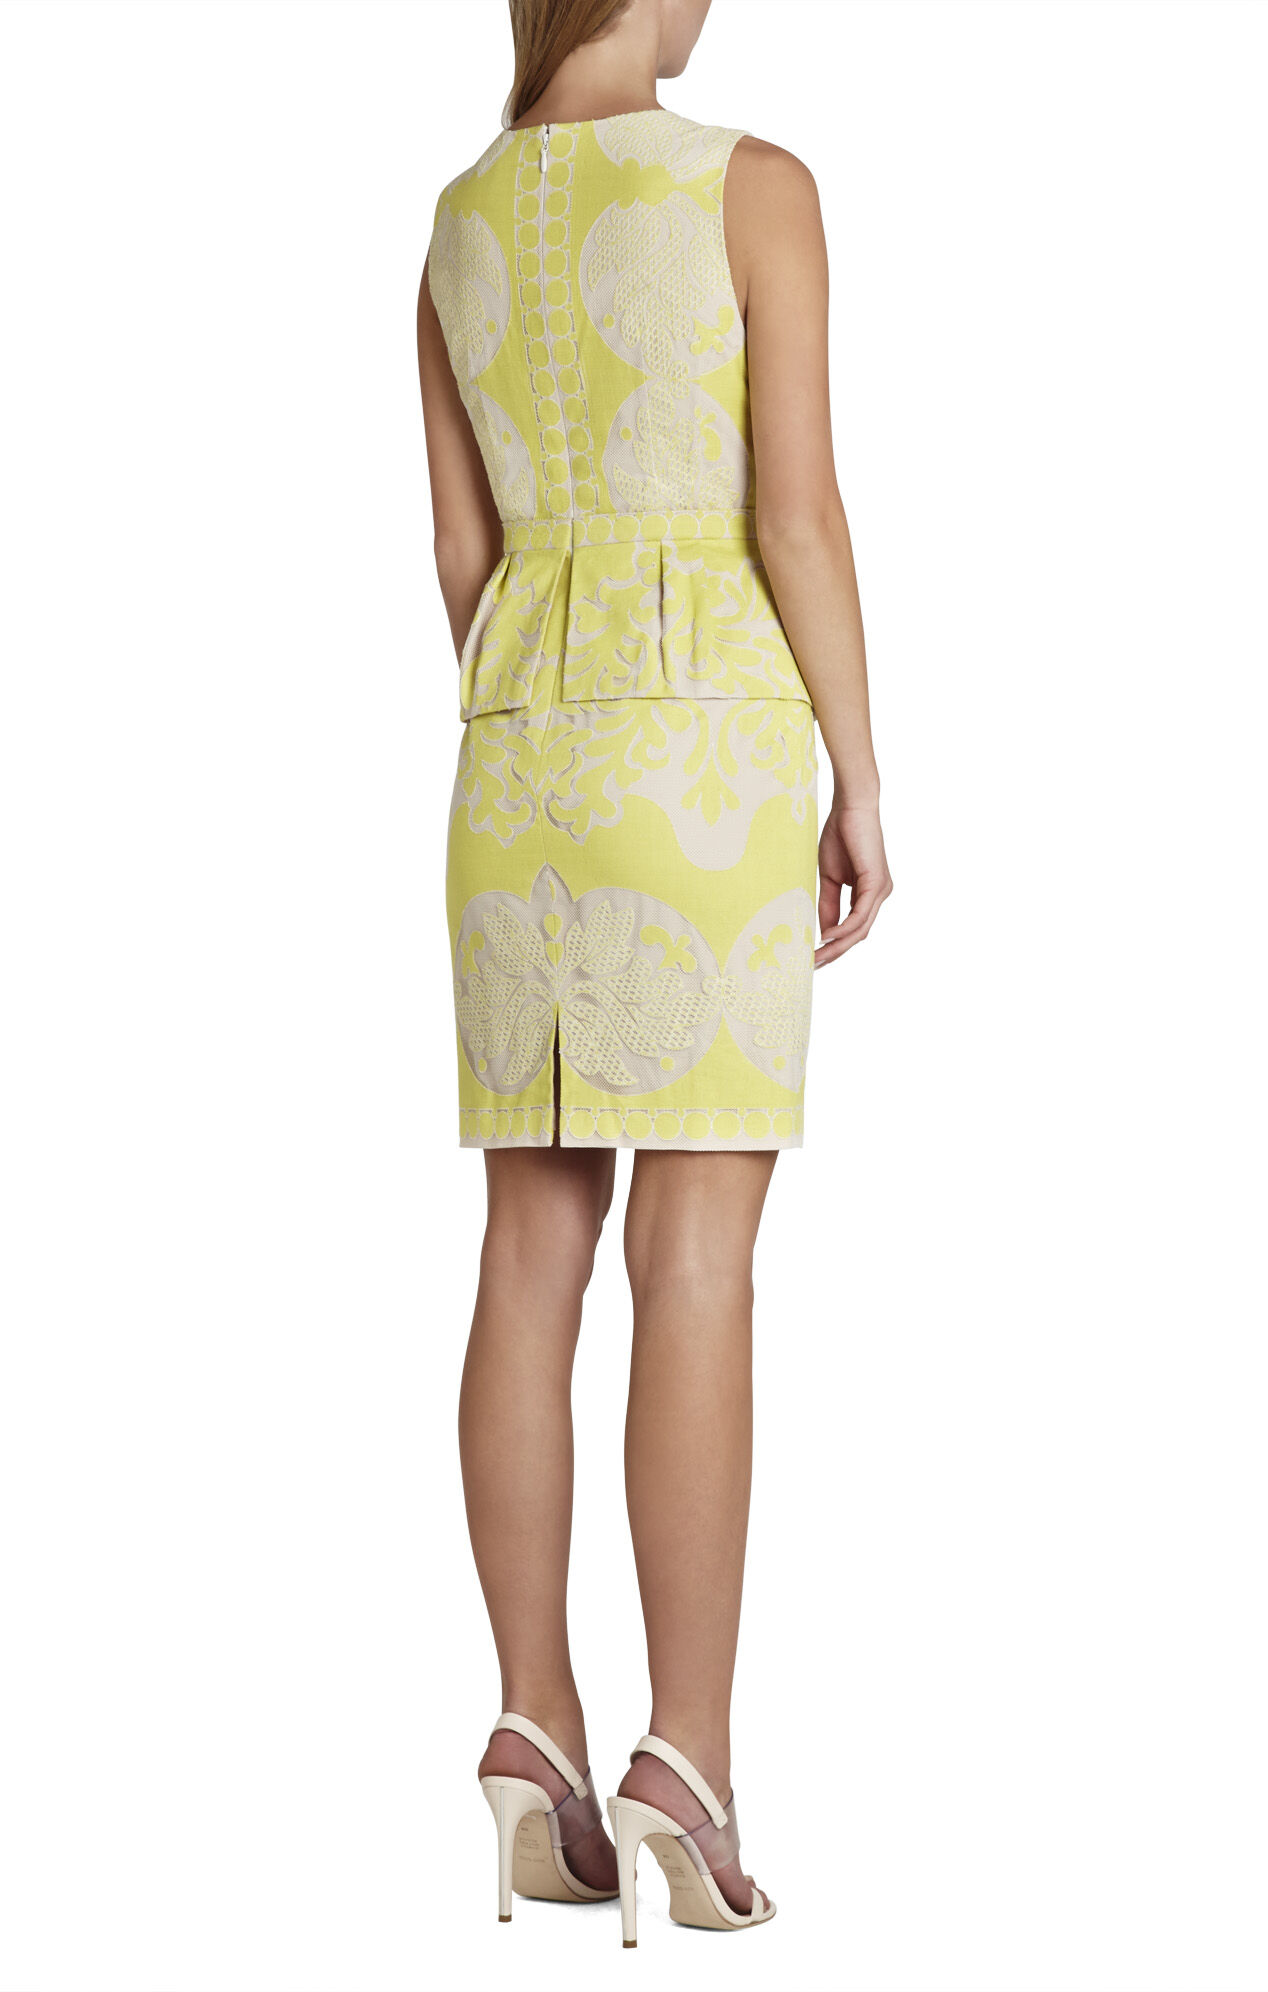 Yellow Lace Peplum Dresses